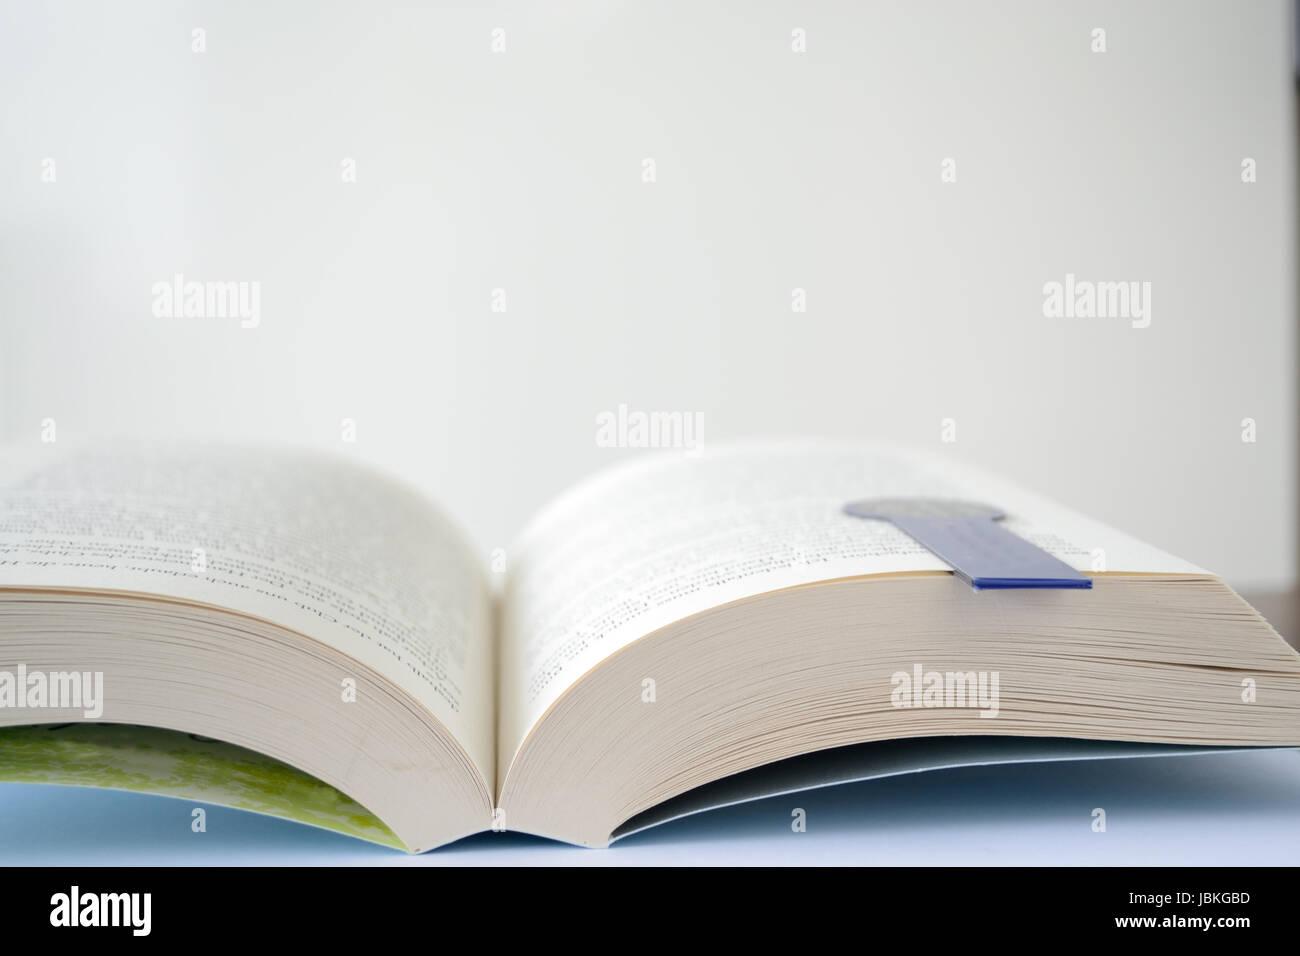 offenes Buch mit einem Lesezeichen und Textfreiraum Stock Photo